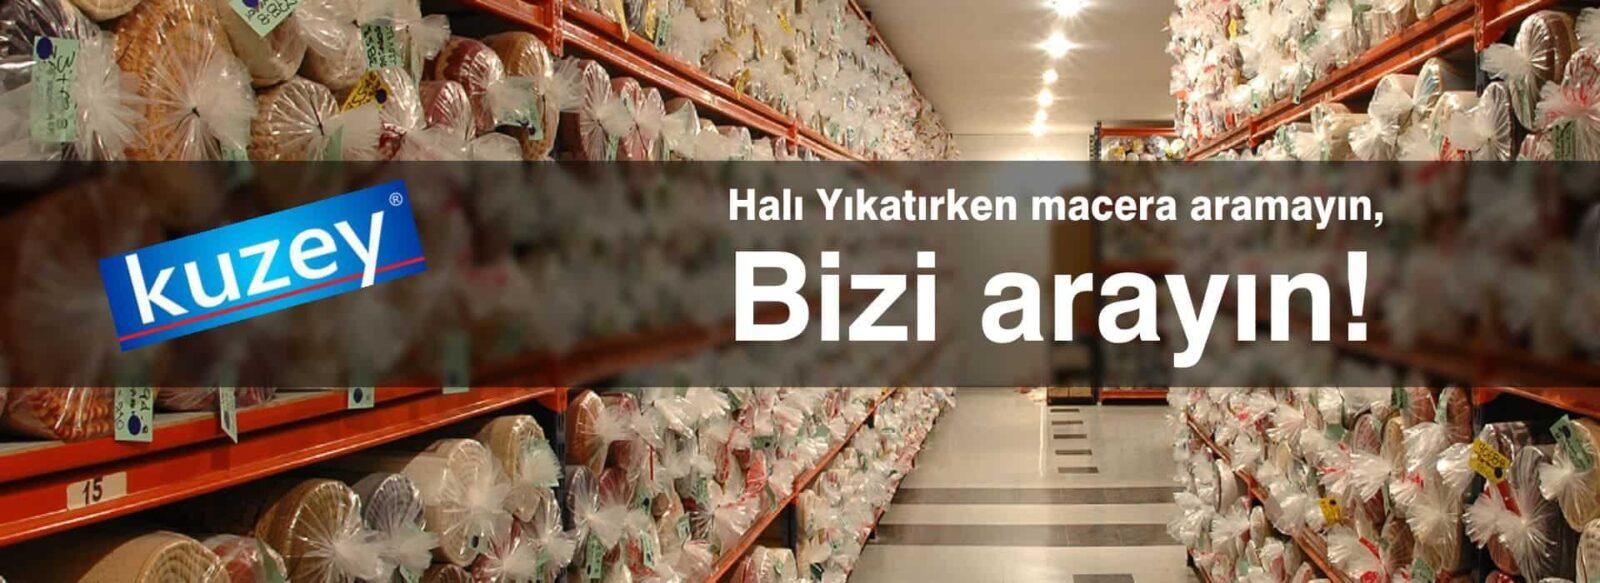 İstanbul halı yıkama merkezi kuzey halı yıkama